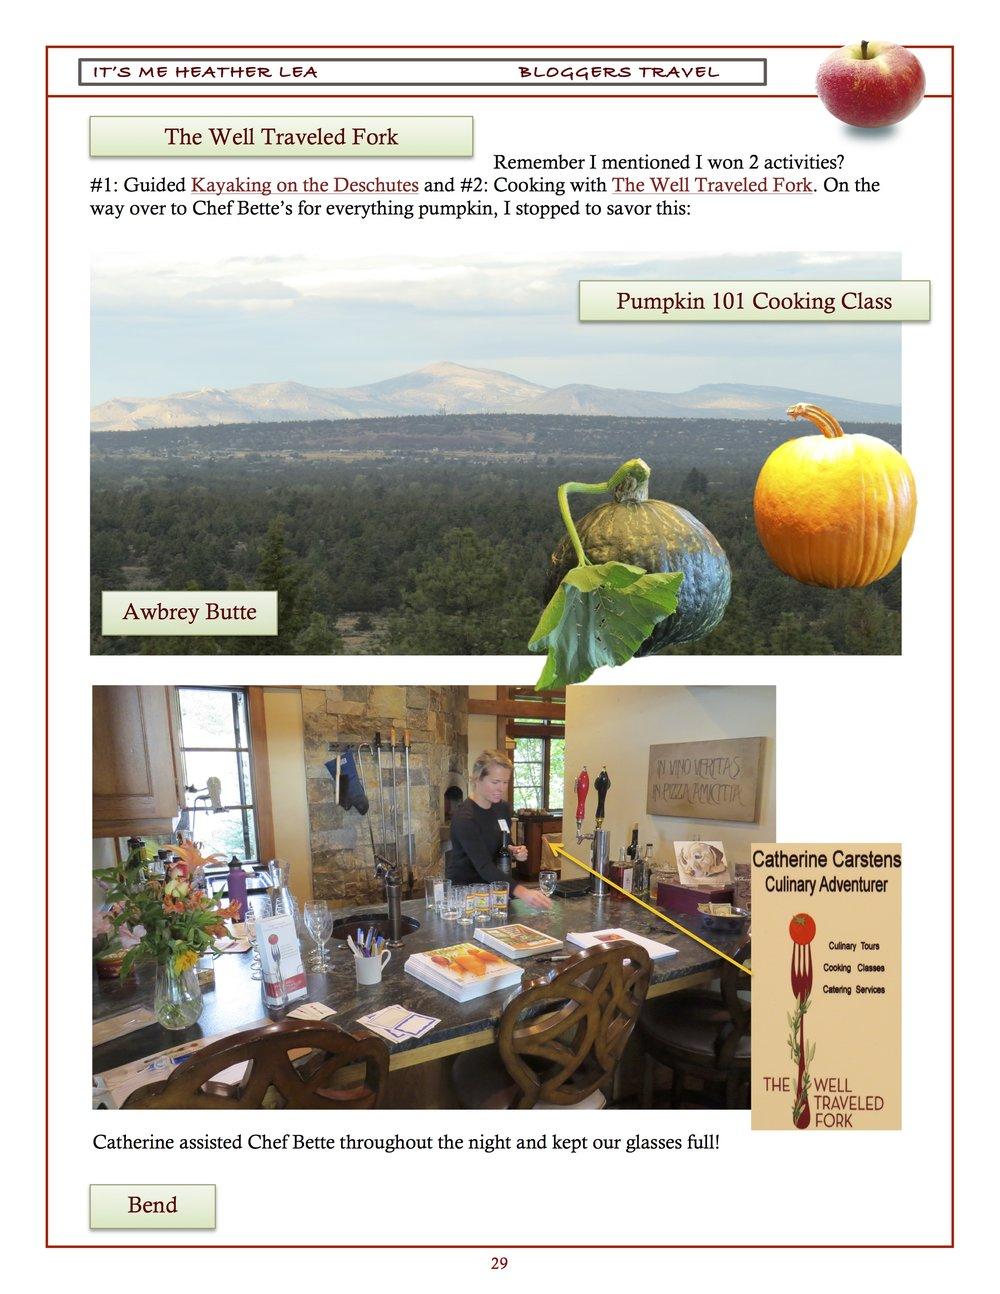 CO Trip Newsletter Revised 29.jpg